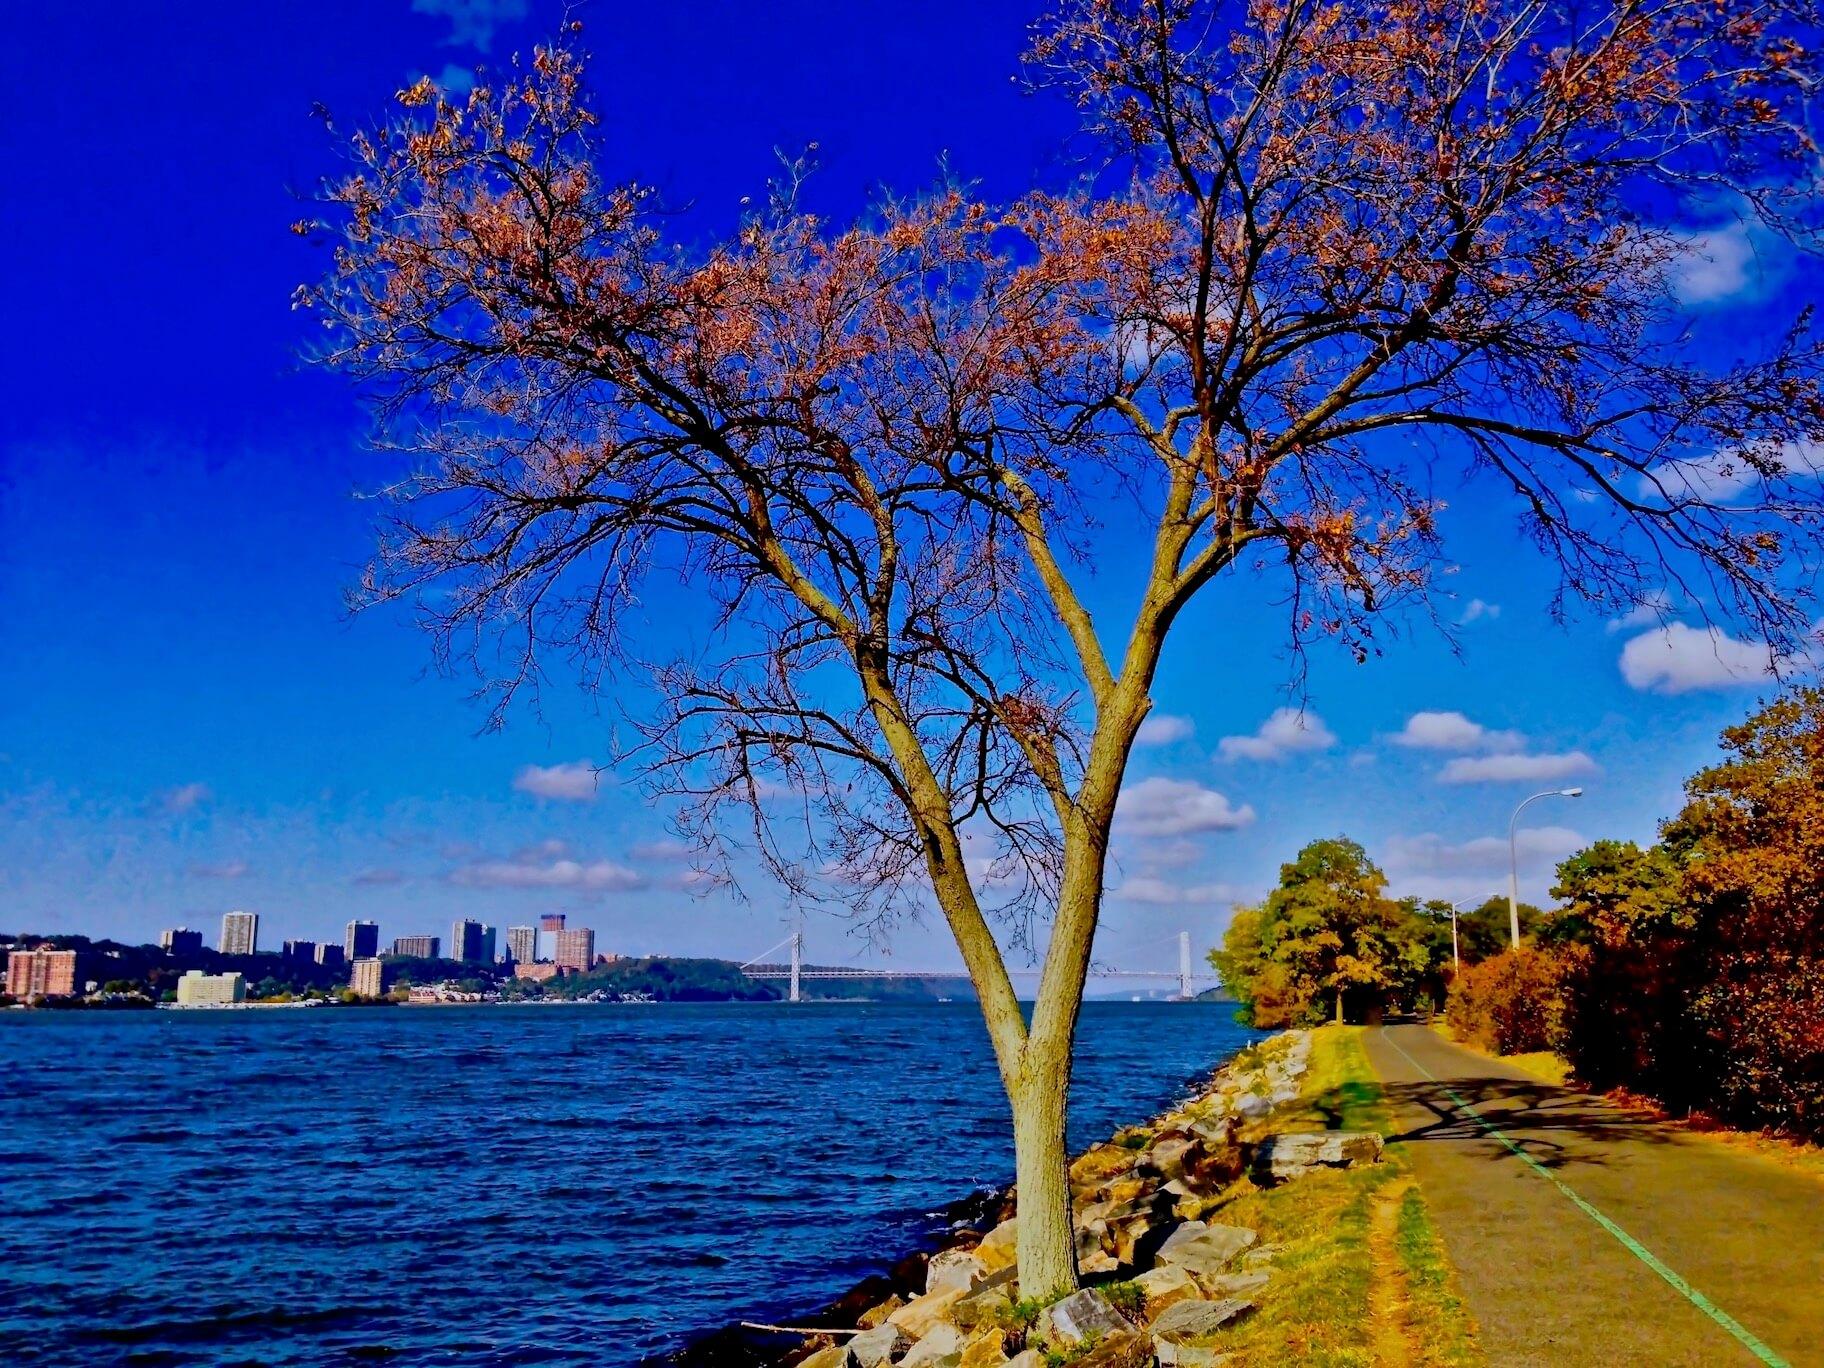 Pour savoir dans quel quartier de New York on se trouve, il suffit parfois de repérer le fleuve Hudson. Ce fleuve indissociable de la ville de New York, constitue une délimitation naturelle de certains quartiers new-yorkais.